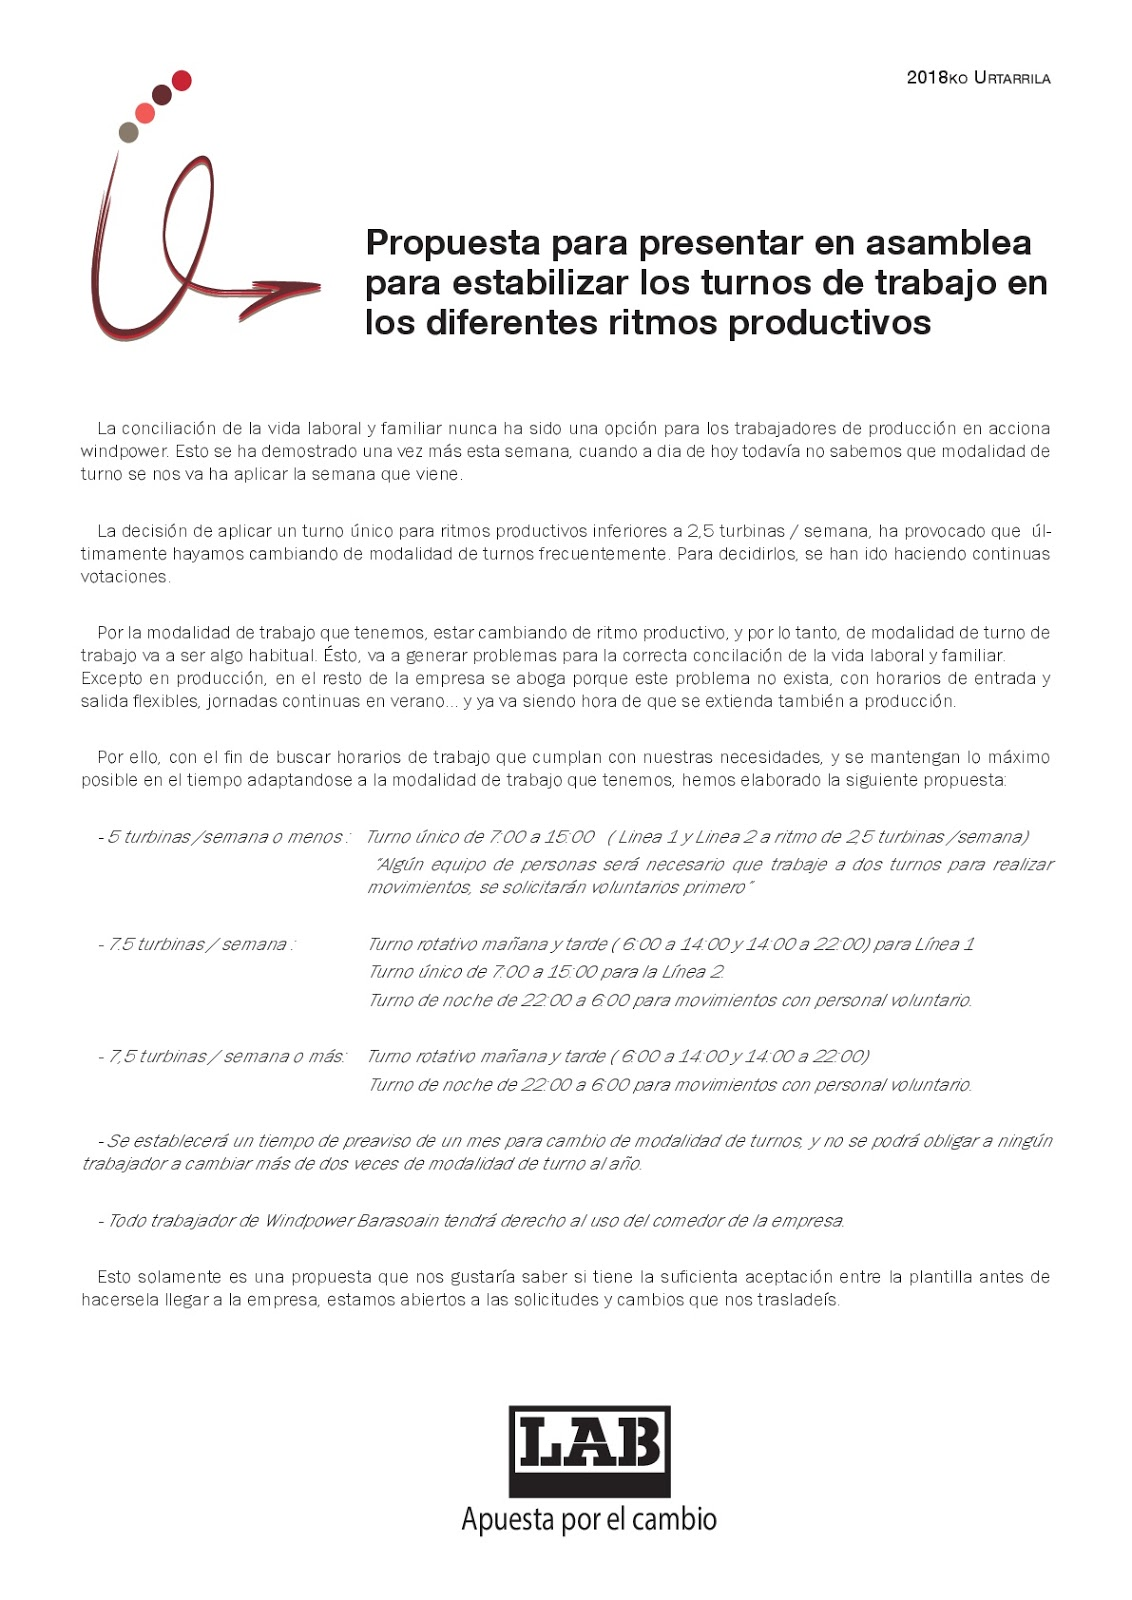 Lab windpower: PROPUESTA CAMBIOS MODALIDADES DE TURNO